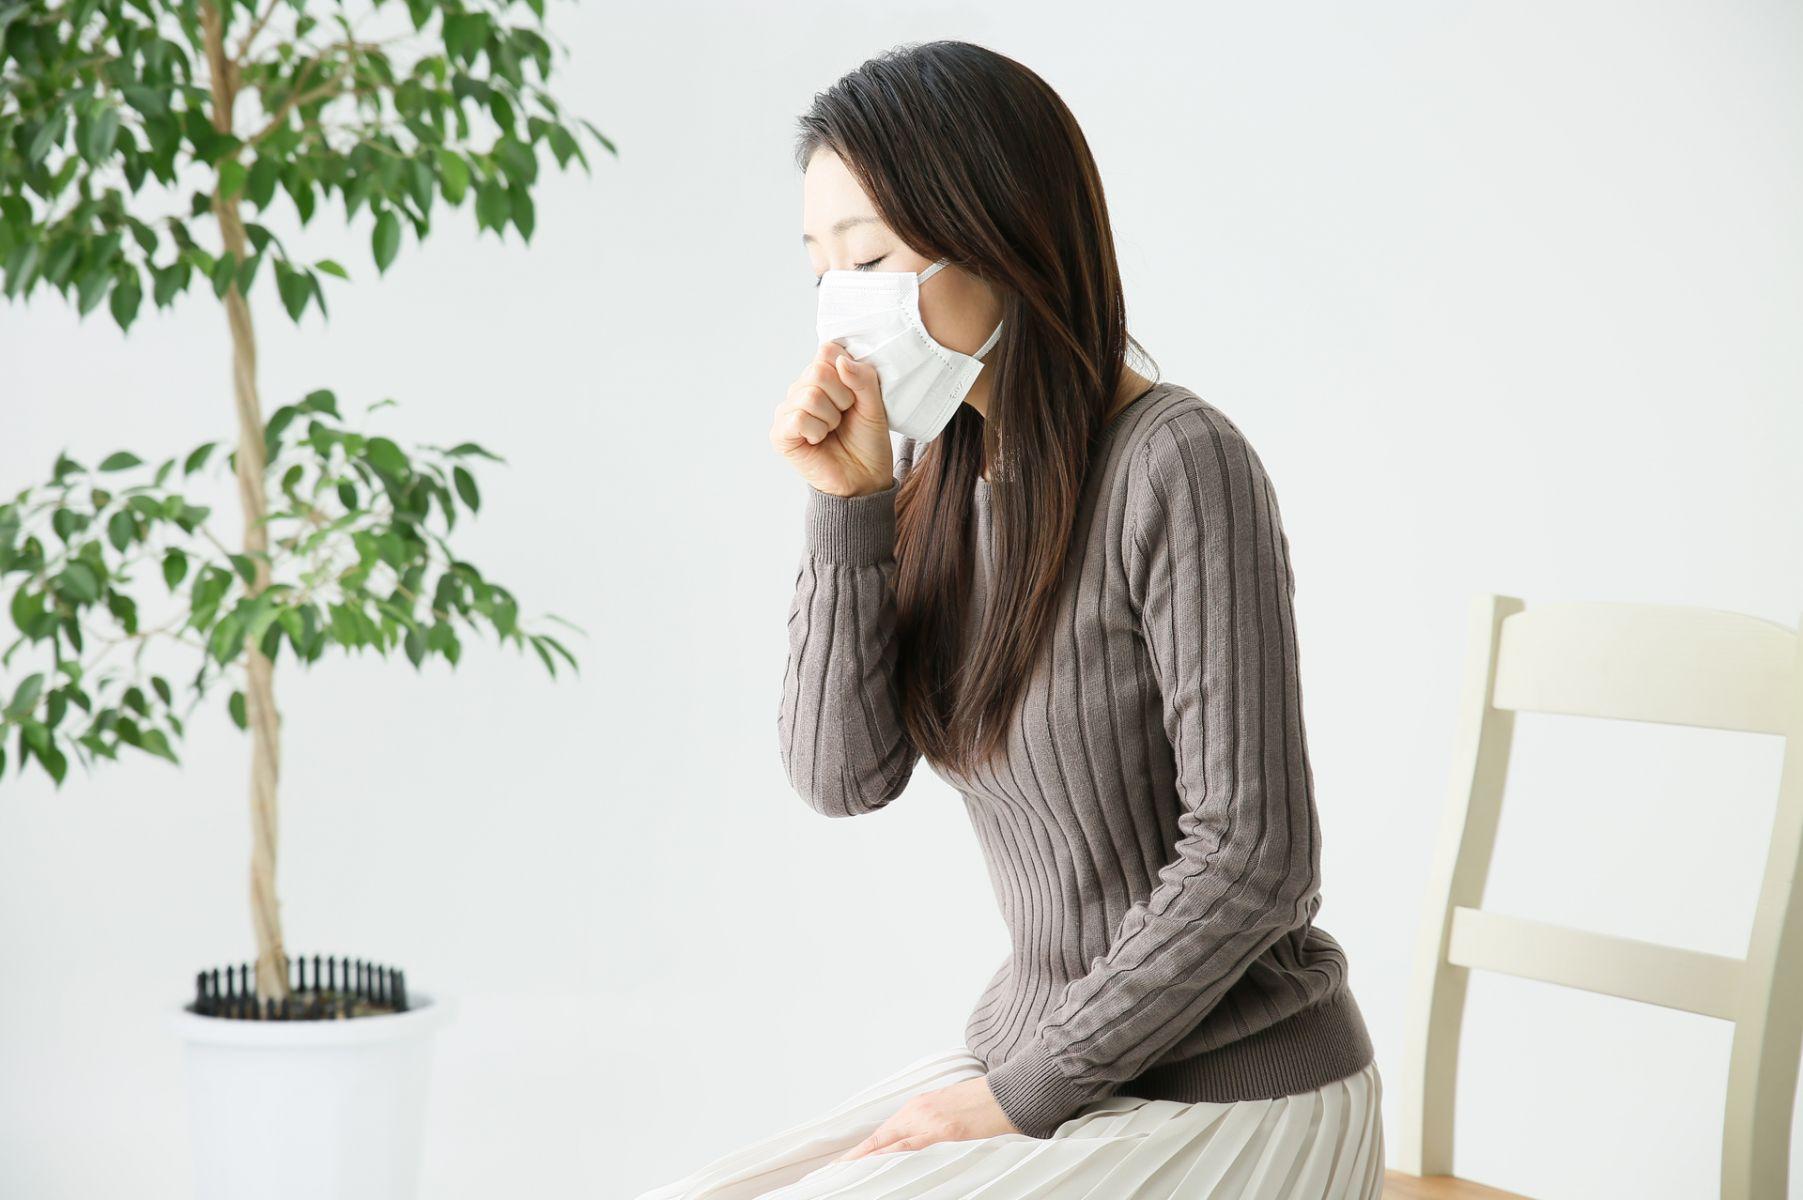 天氣乾冷小心氣喘發作 5撇步救健康